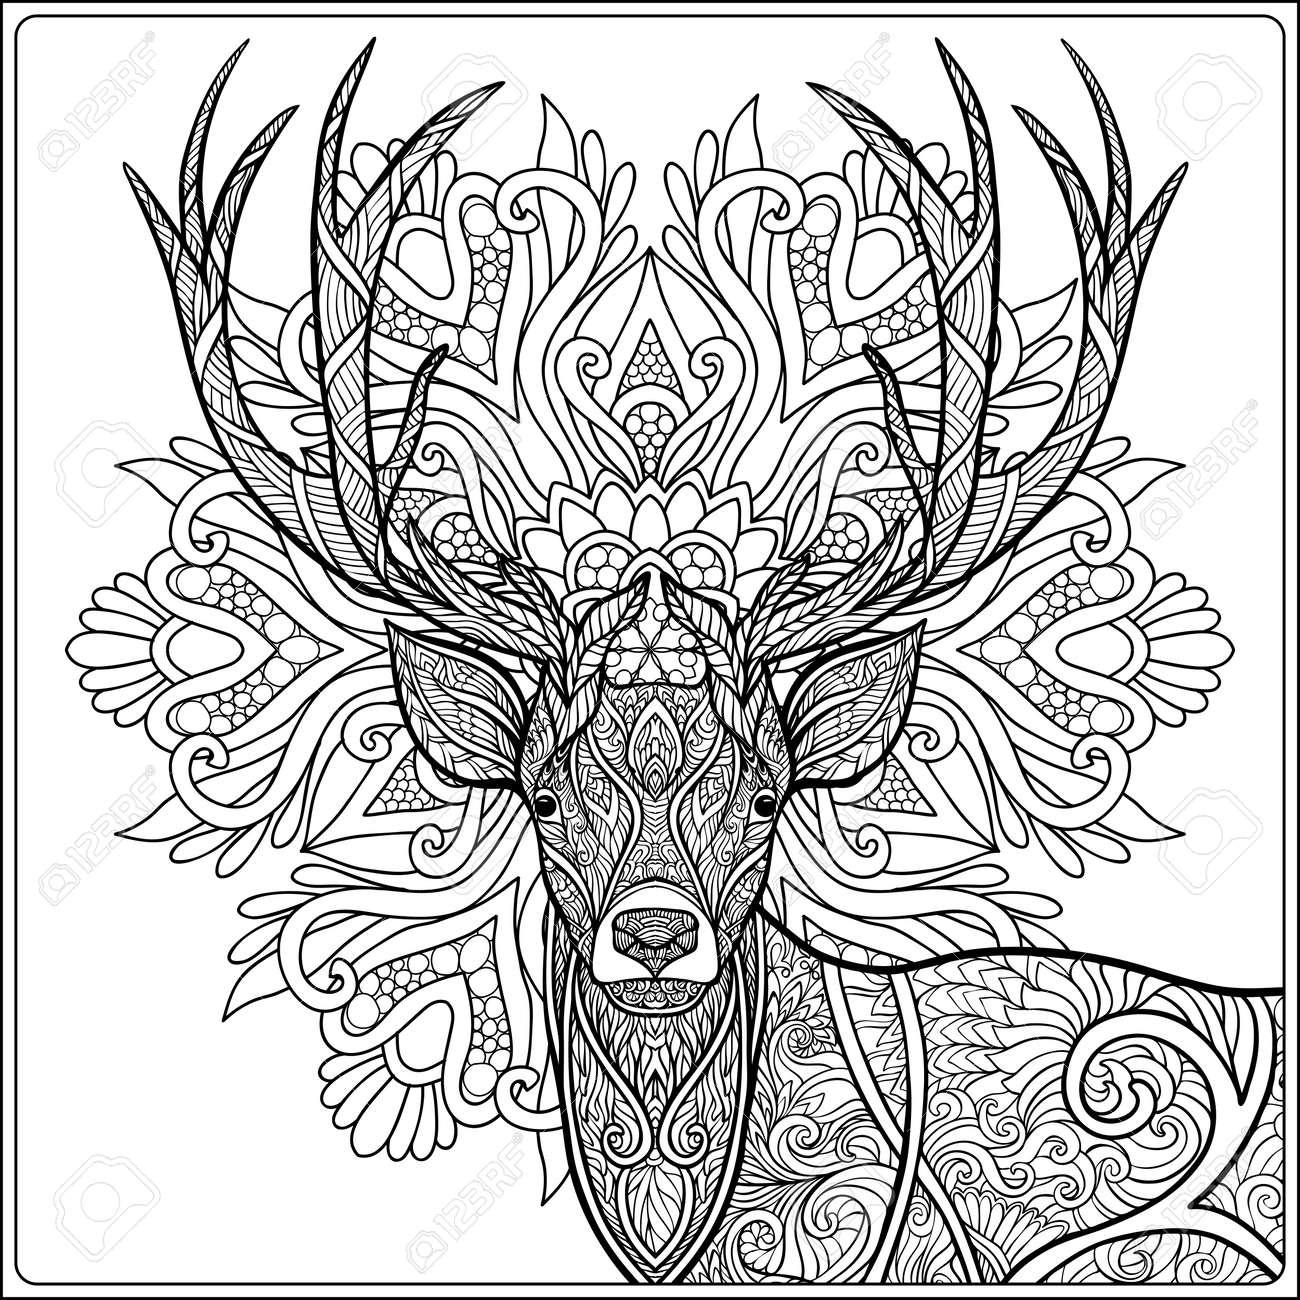 Dibujo Para Colorear Con El Fondo Ciervos Om Mandala. Libro De ...